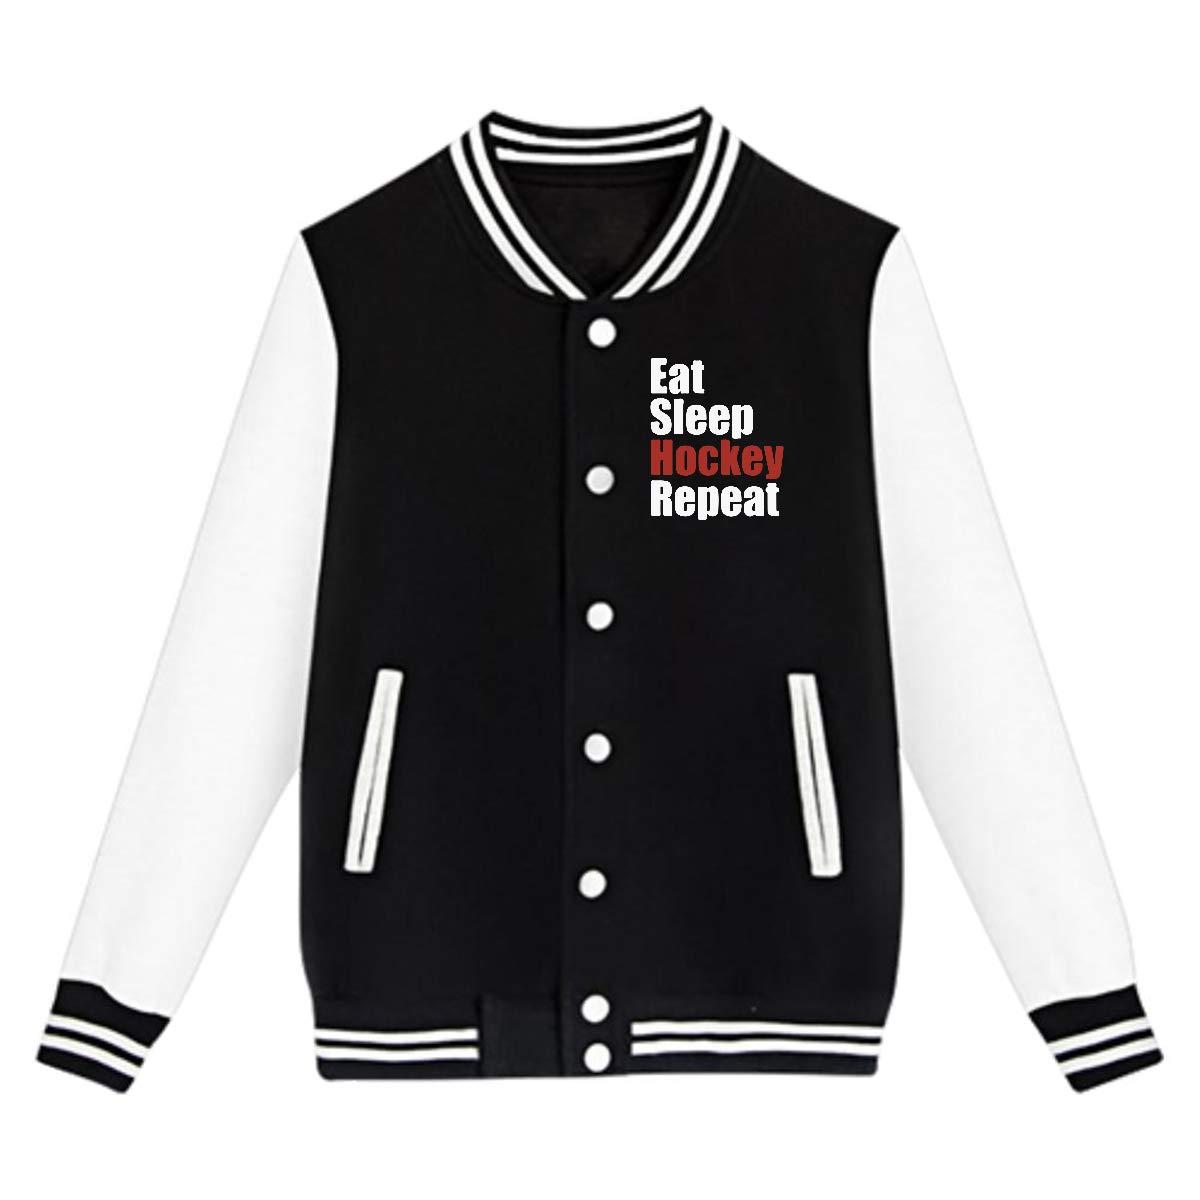 Eat Sleep Hockey Repeat Coat Sport Outfit NJKM5MJ Unisex Youth Baseball Uniform Jacket